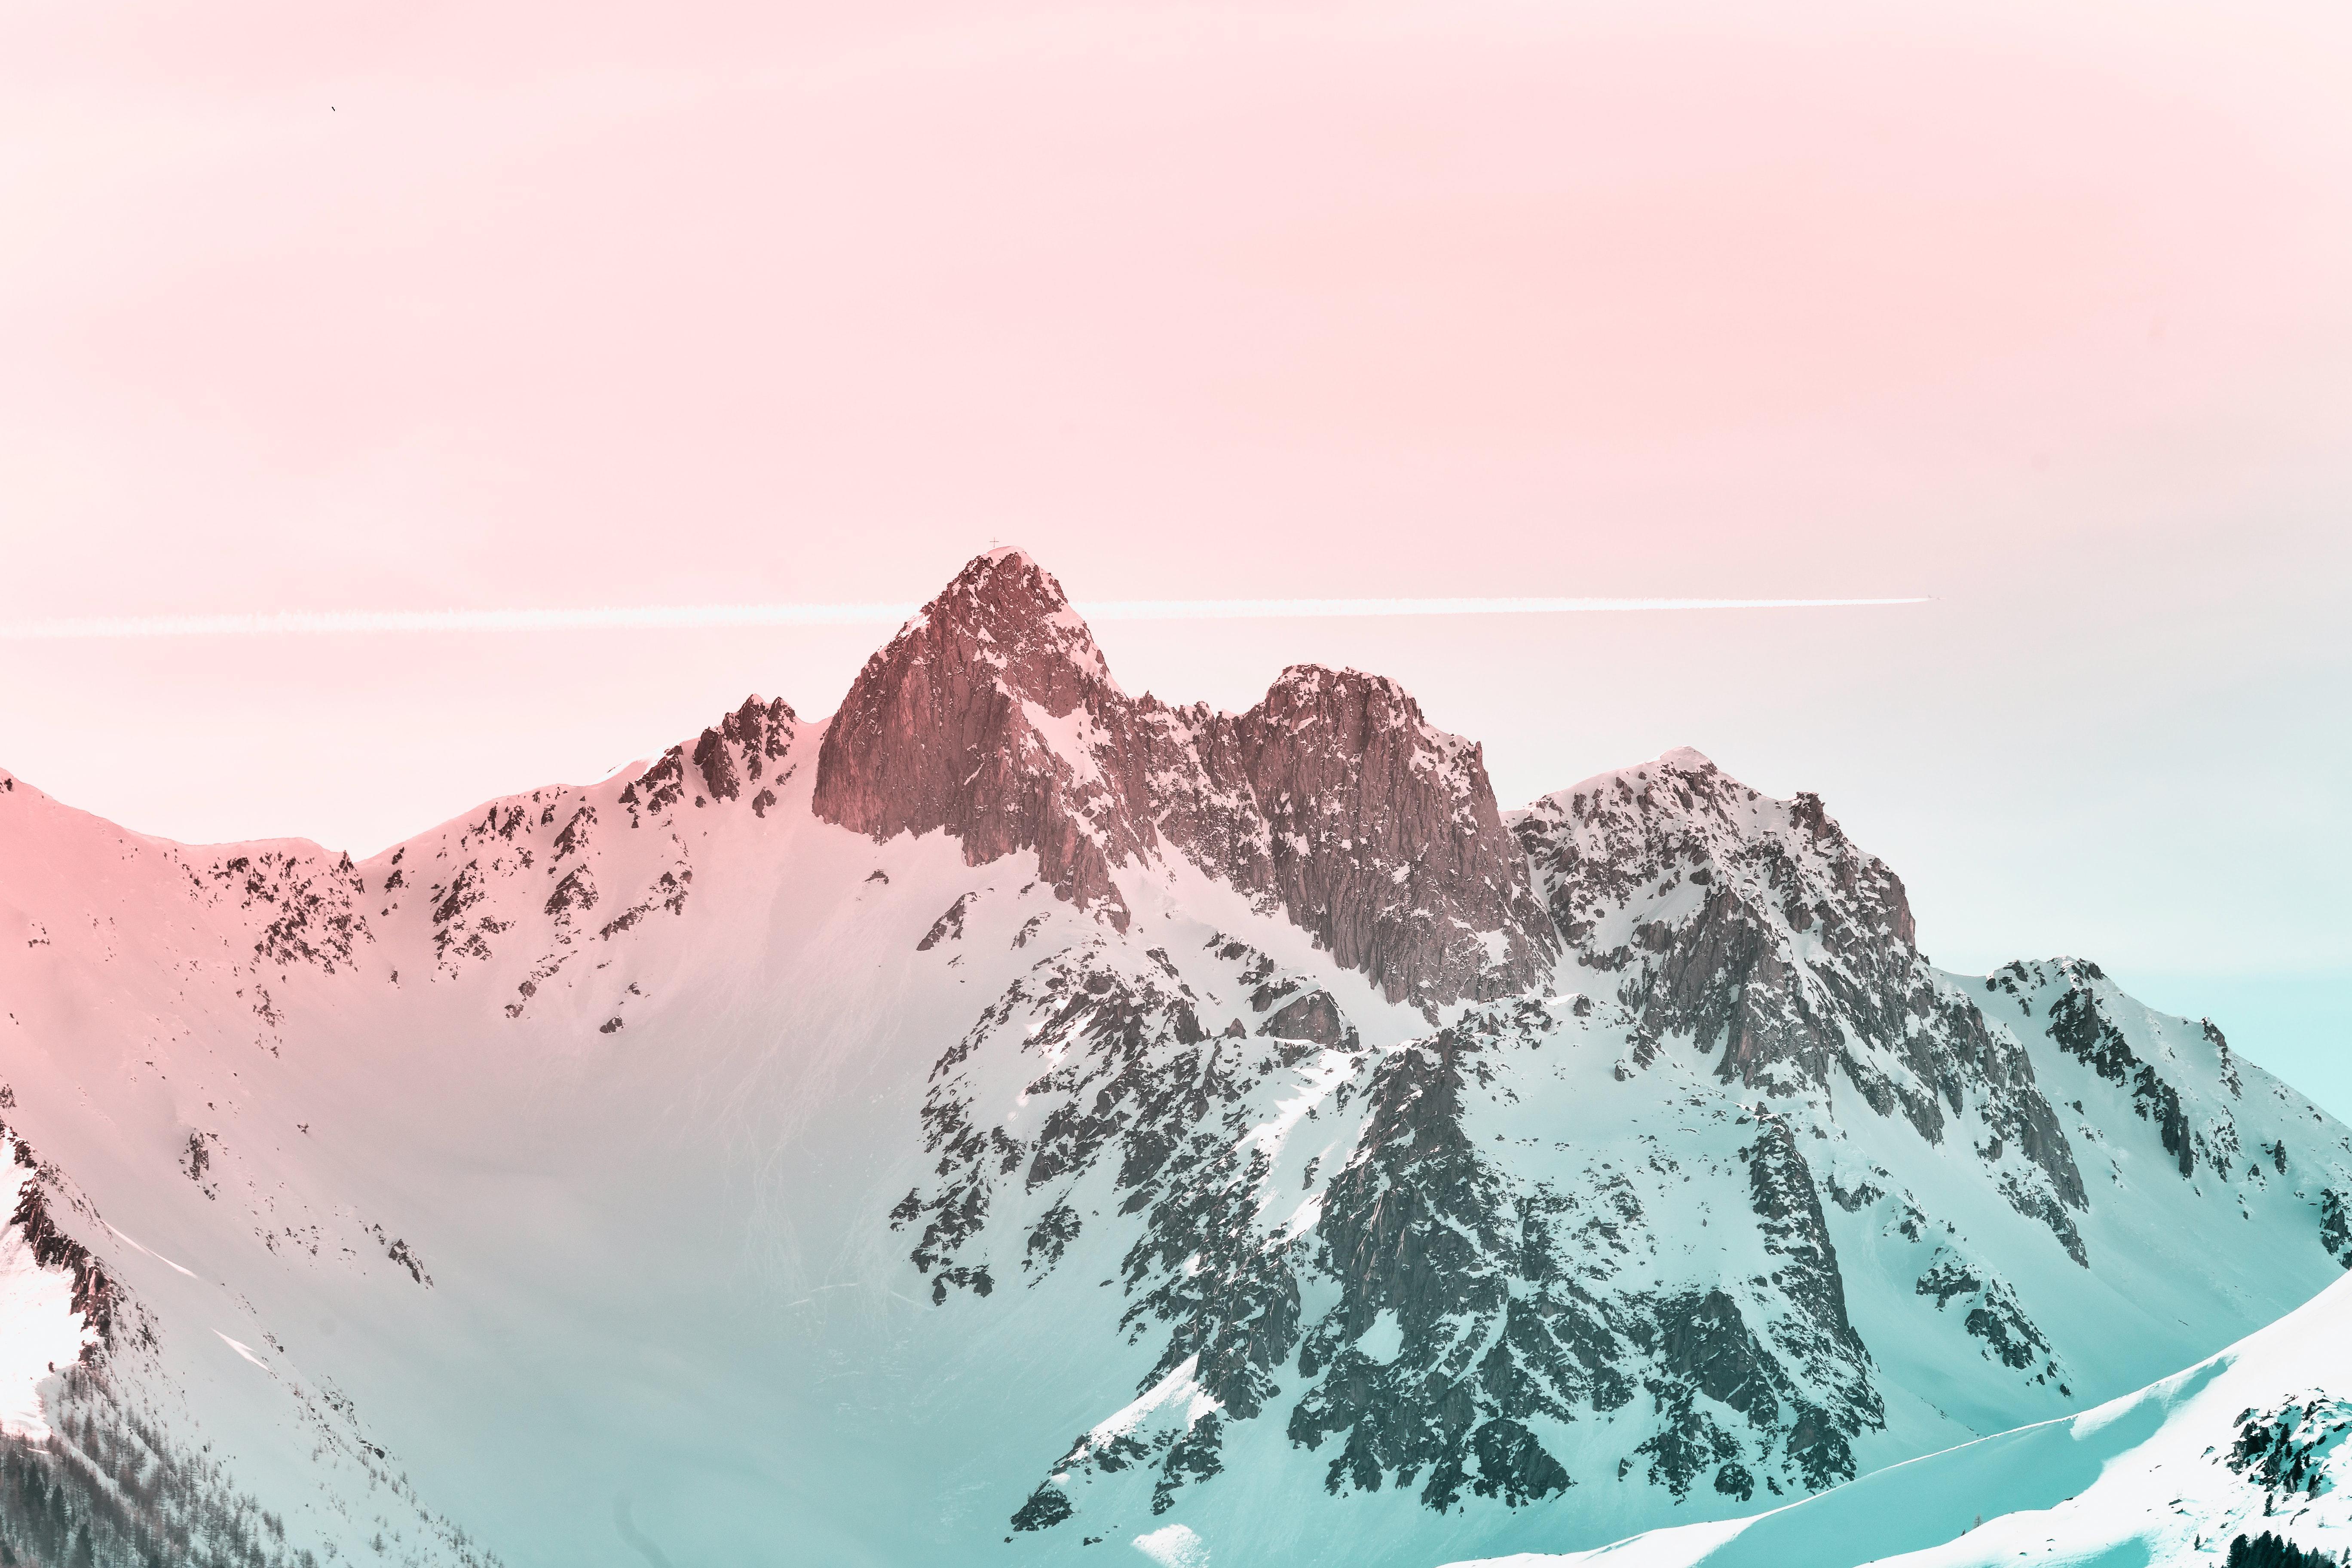 snow covered mountain 4k 1630069118 - Snow Covered Mountain 4k - Snow Covered Mountain wallpapers, Snow Covered Mountain 4k wallpapers